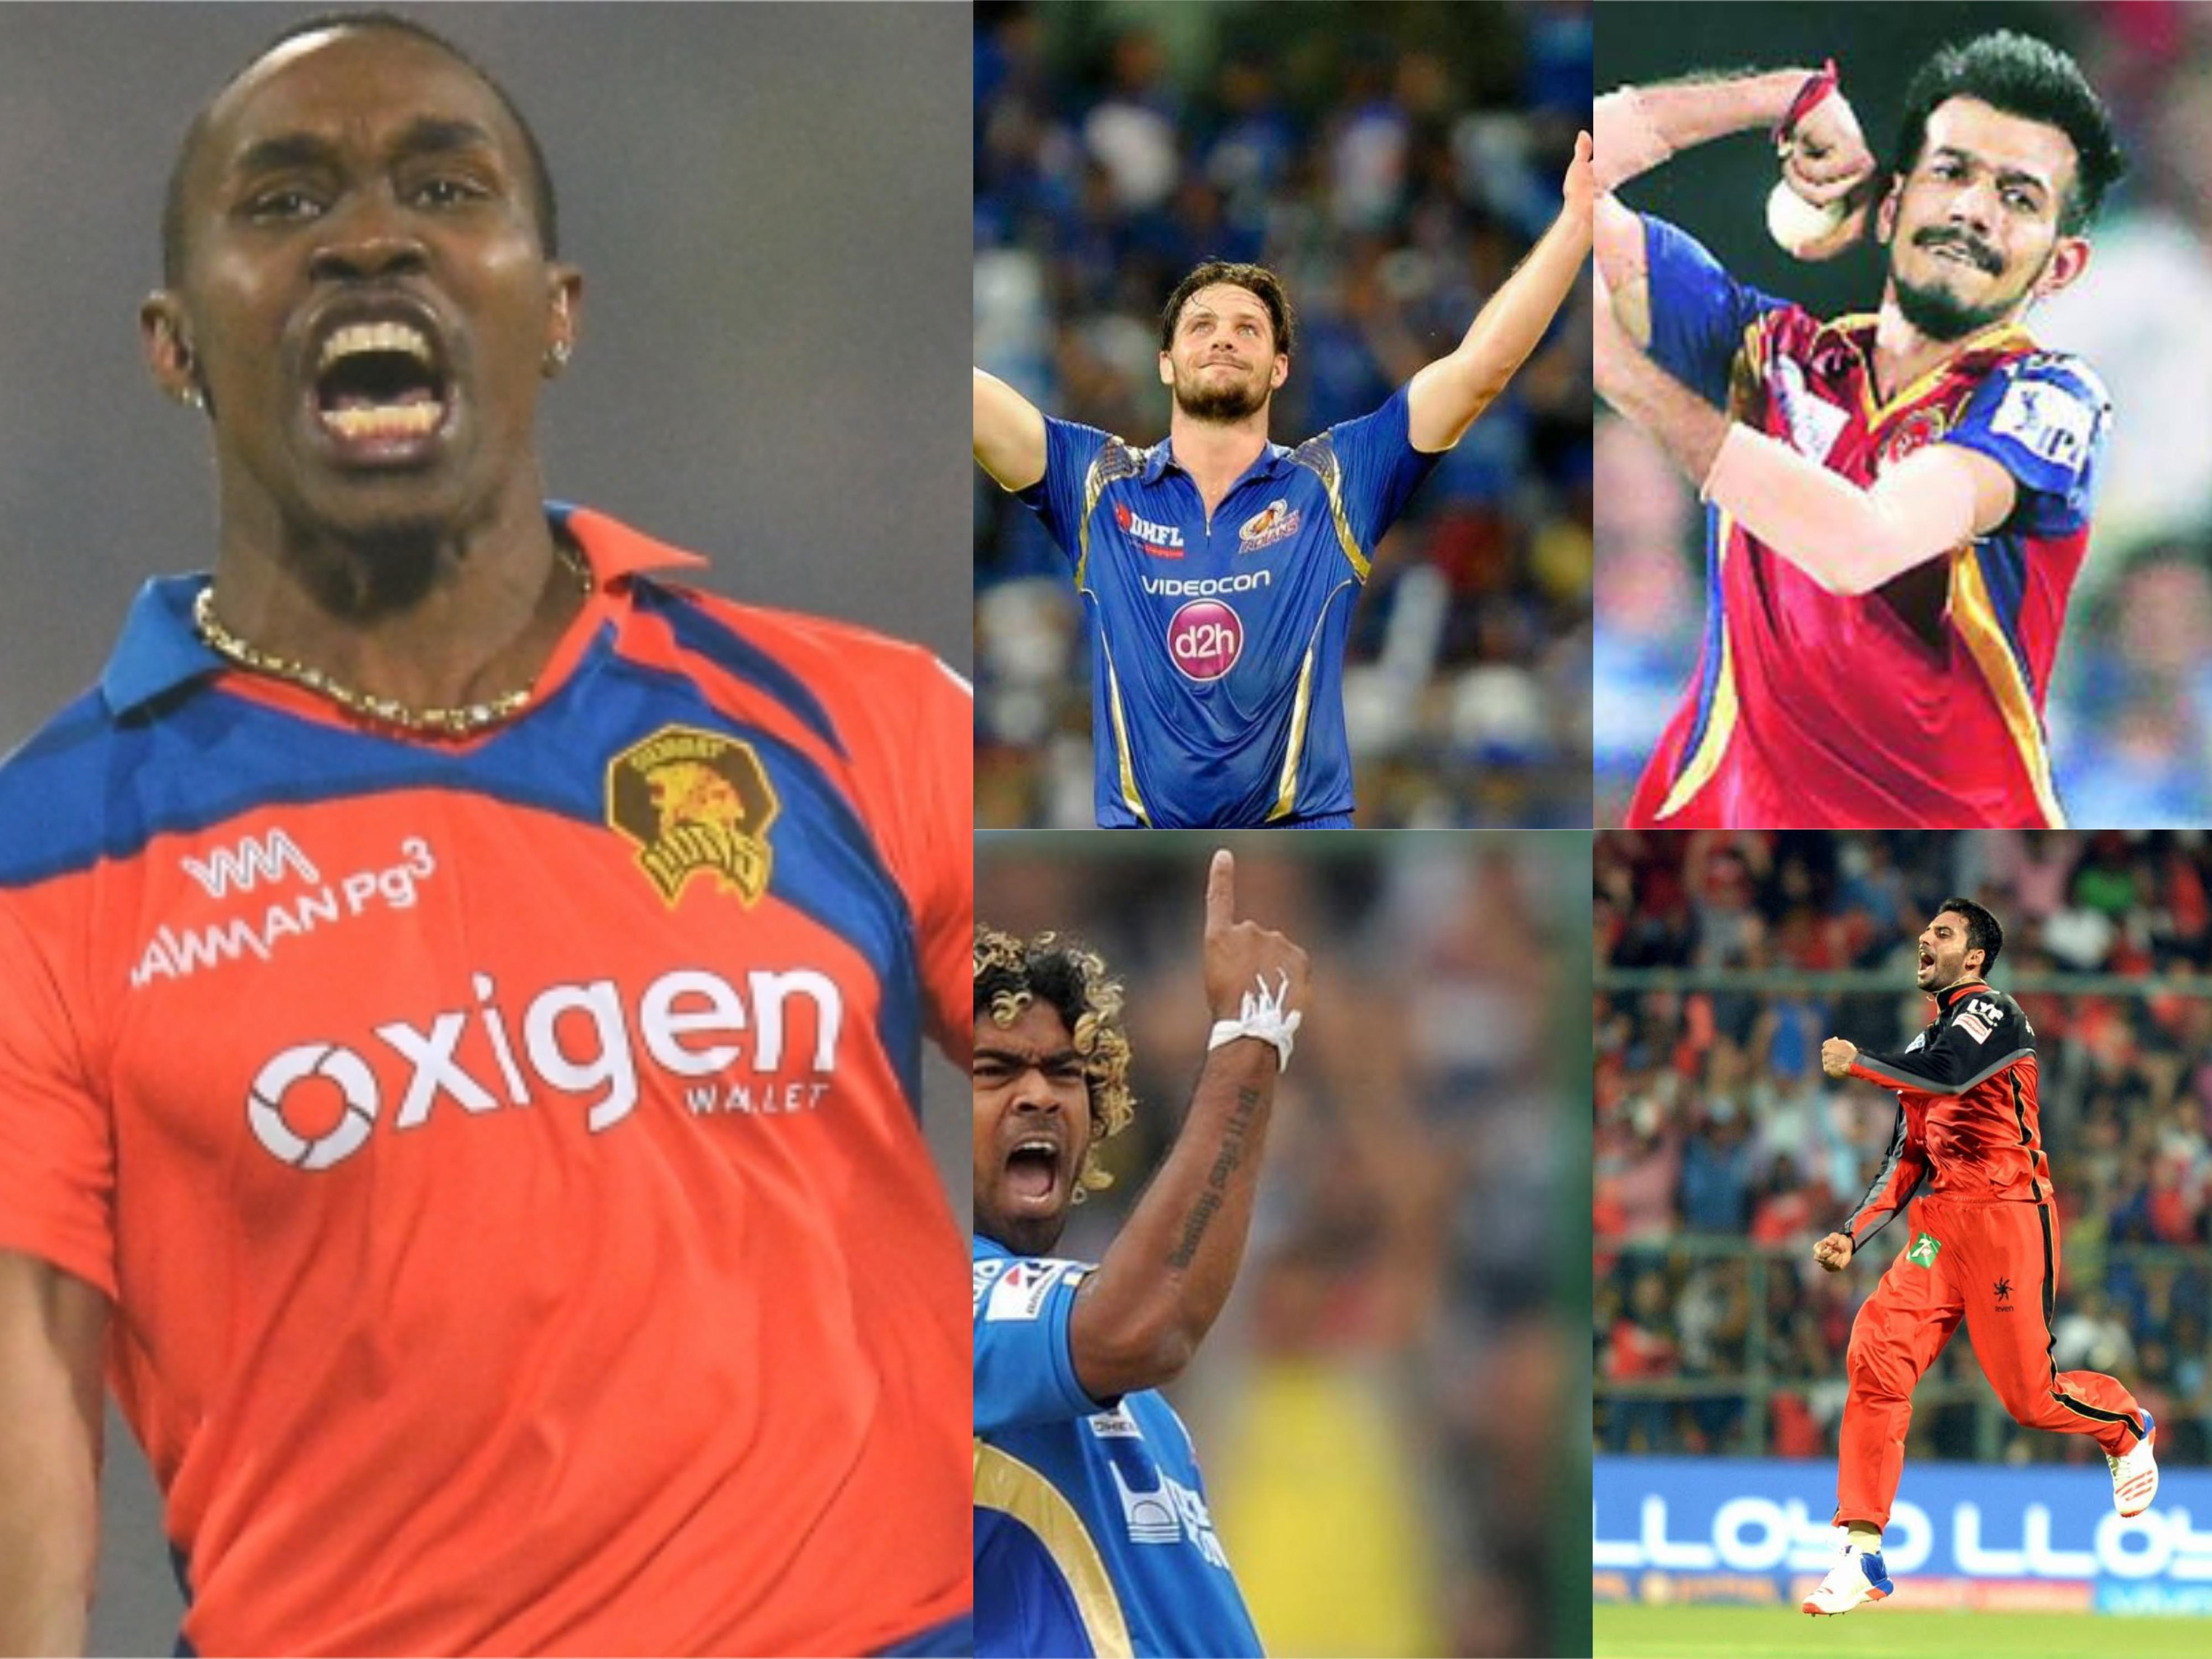 आईपीएल के अब तक इतिहास में सबसे कम गेंद पर विकेट लेने वाले गेंदबाज़, सूचि में है काफी चौकाने वाले नाम 17